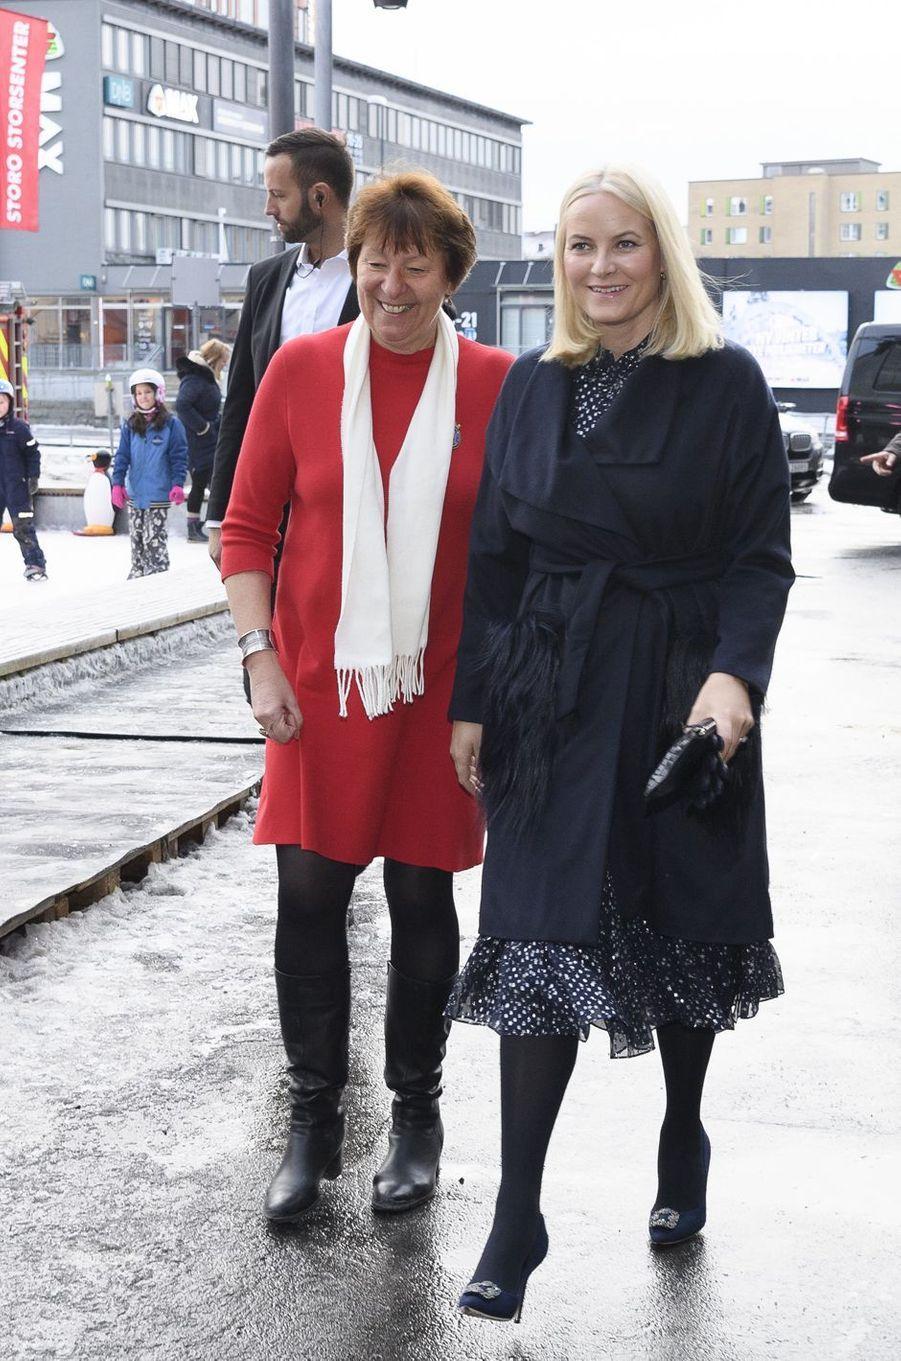 La princesse Mette-Marit de Norvège avec la maire d'Oslo, le 24 décembre 2017 à Oslo